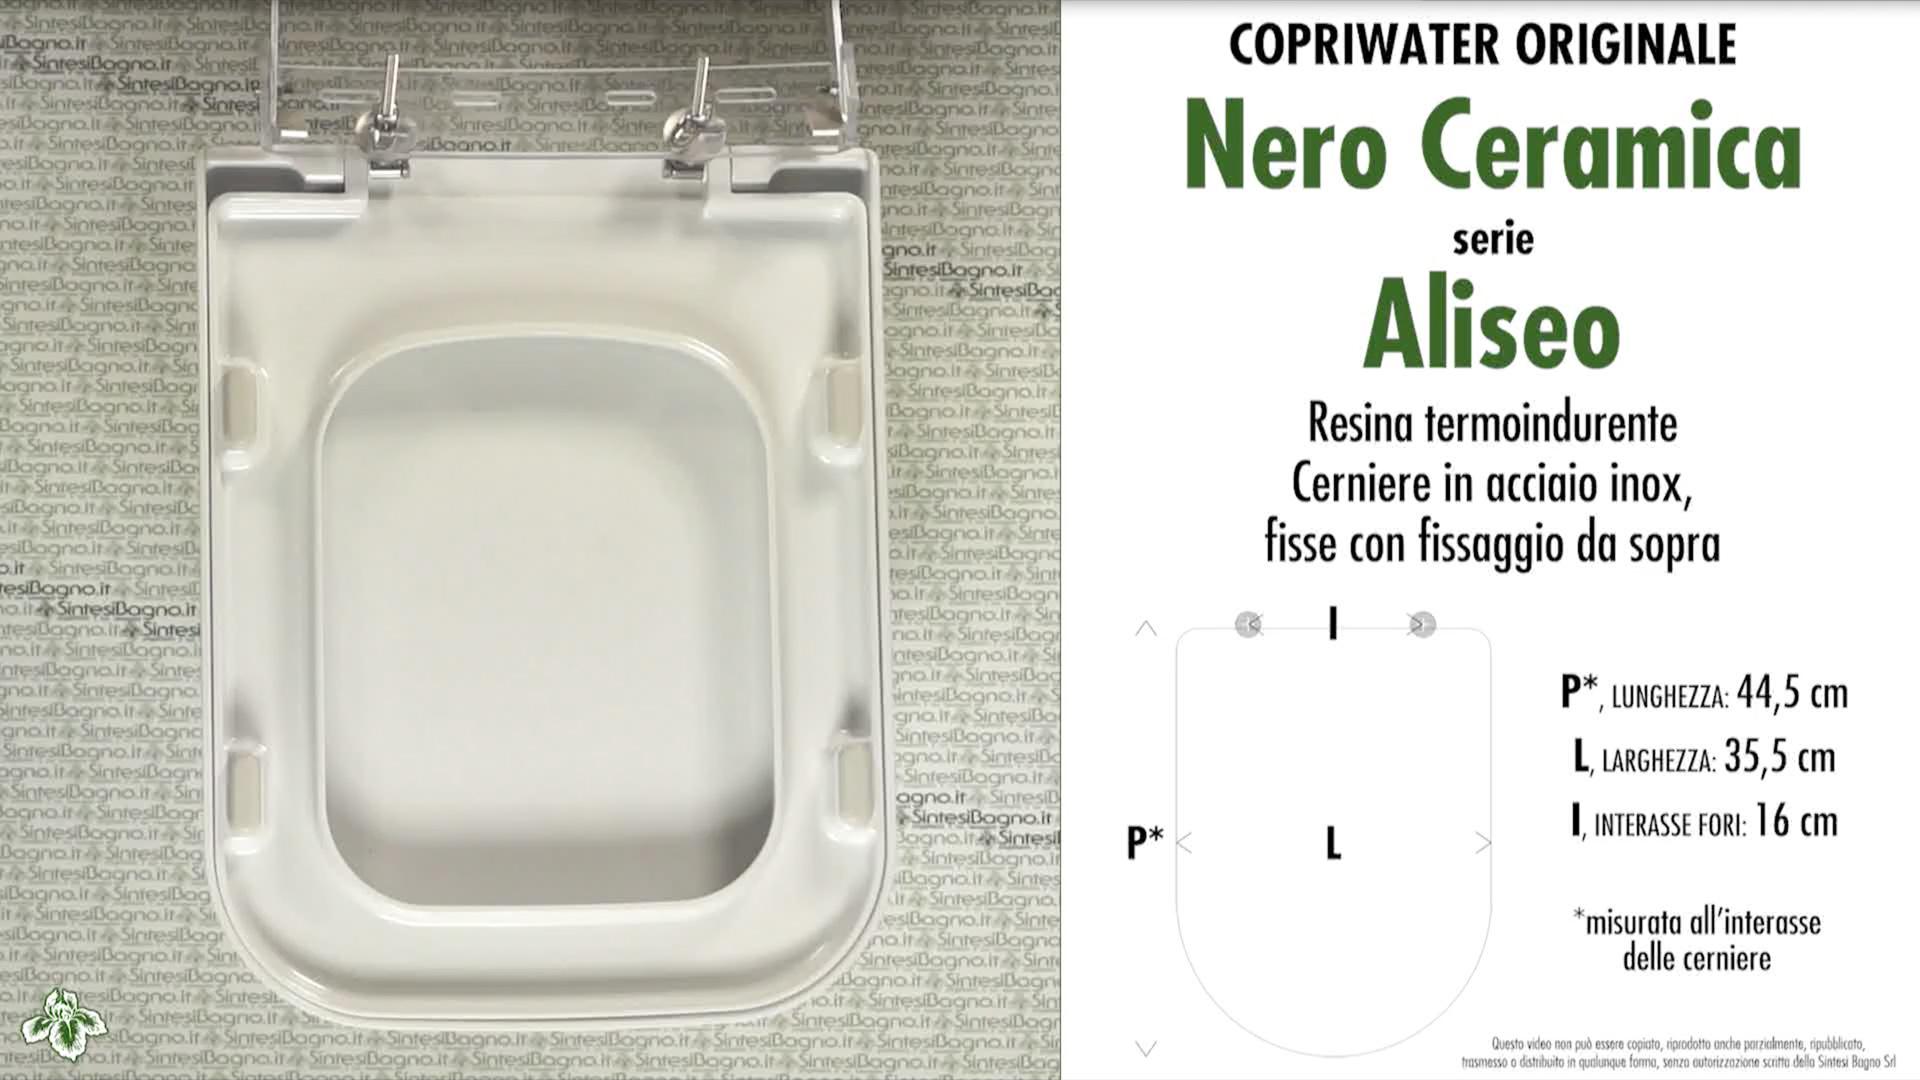 Nero Ceramica Aliseo Prezzi.Abattant Wc Aliseo Nero Ceramica Modele Type Original Duroplast